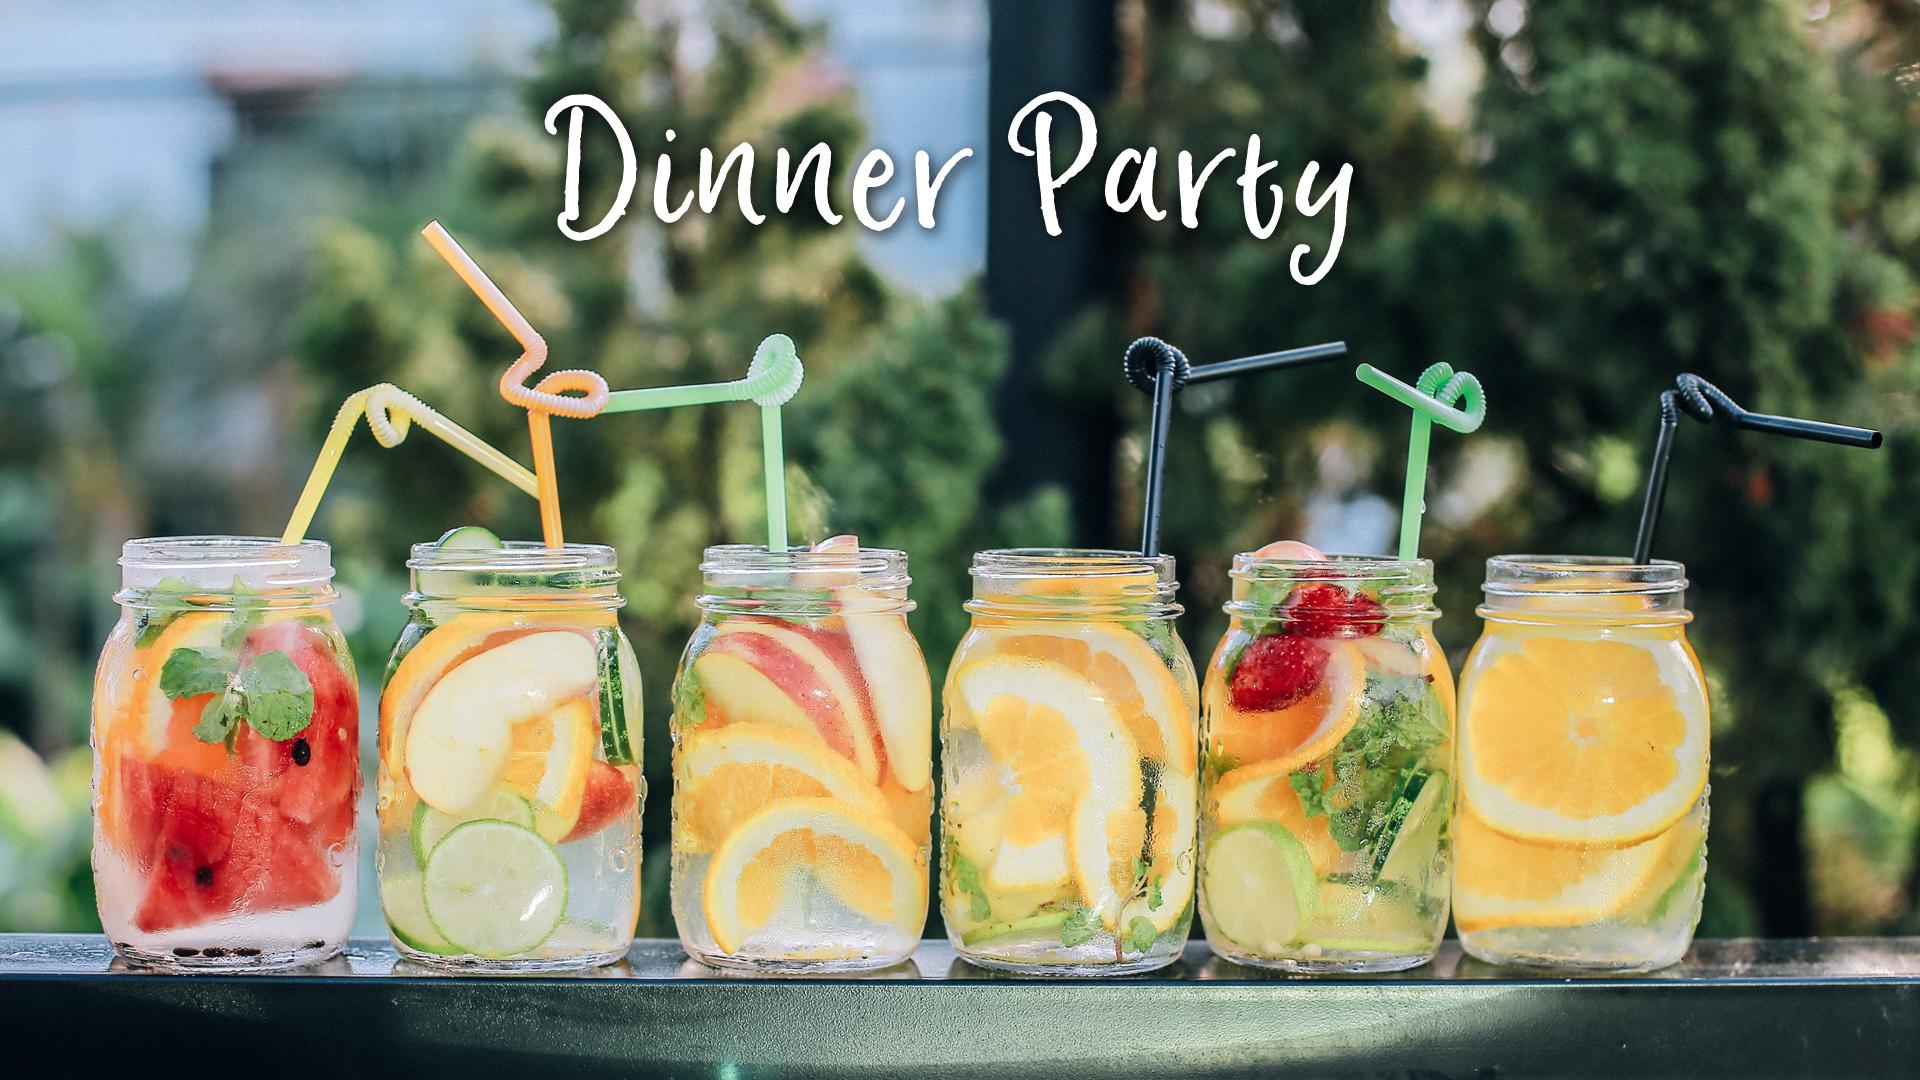 Dinner party plain